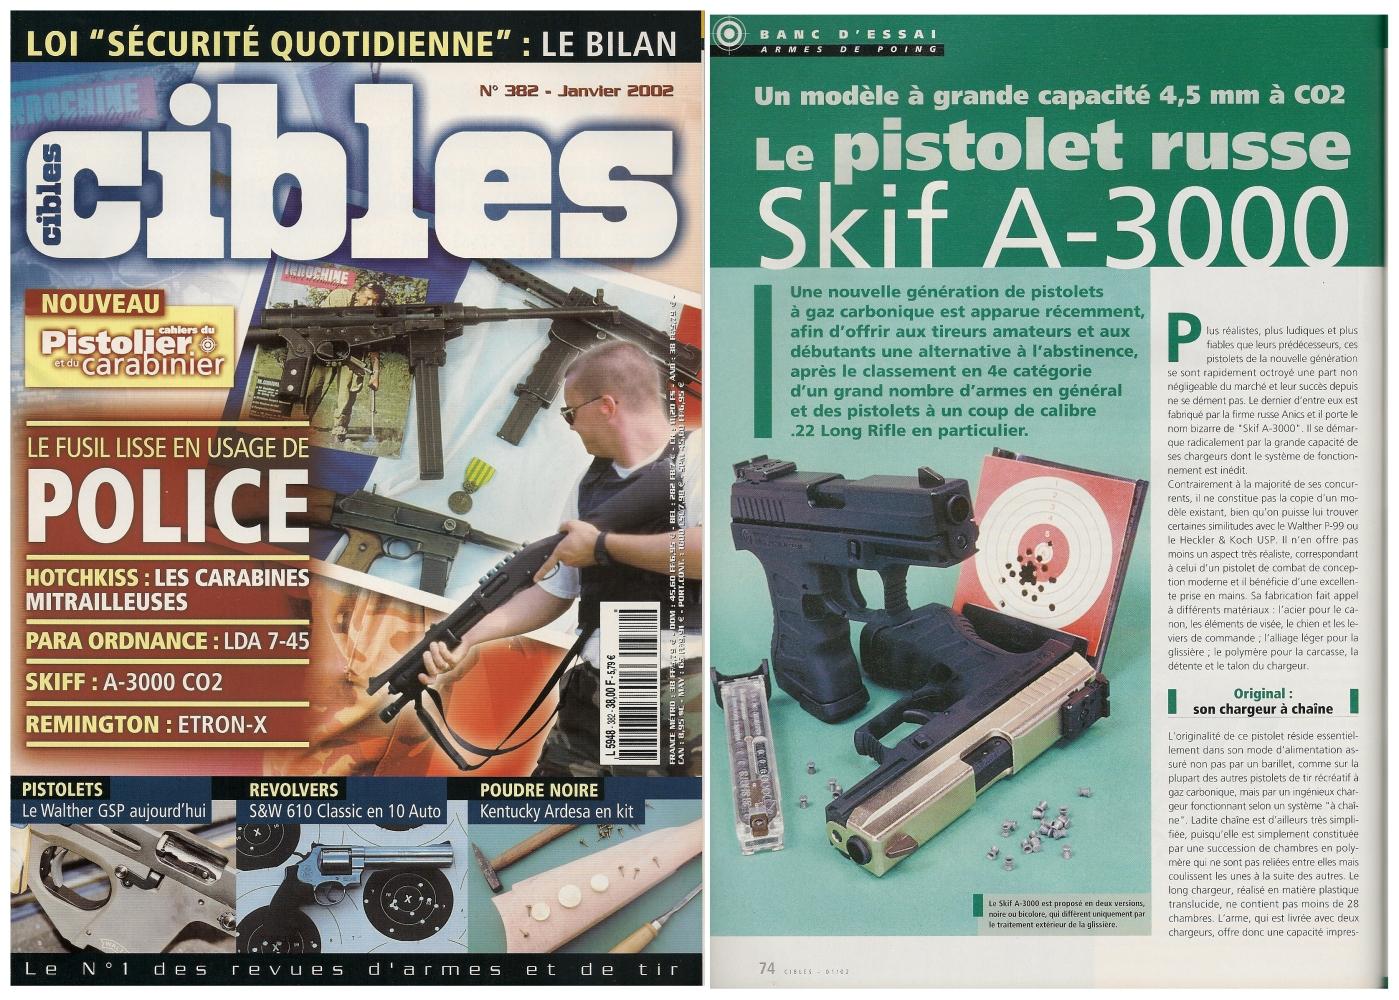 Le banc d'essai du pistolet à Co2 SKIF A-3000 a été publié sur 3 pages ½ dans le magazine Cibles n°382 (janvier 2002)